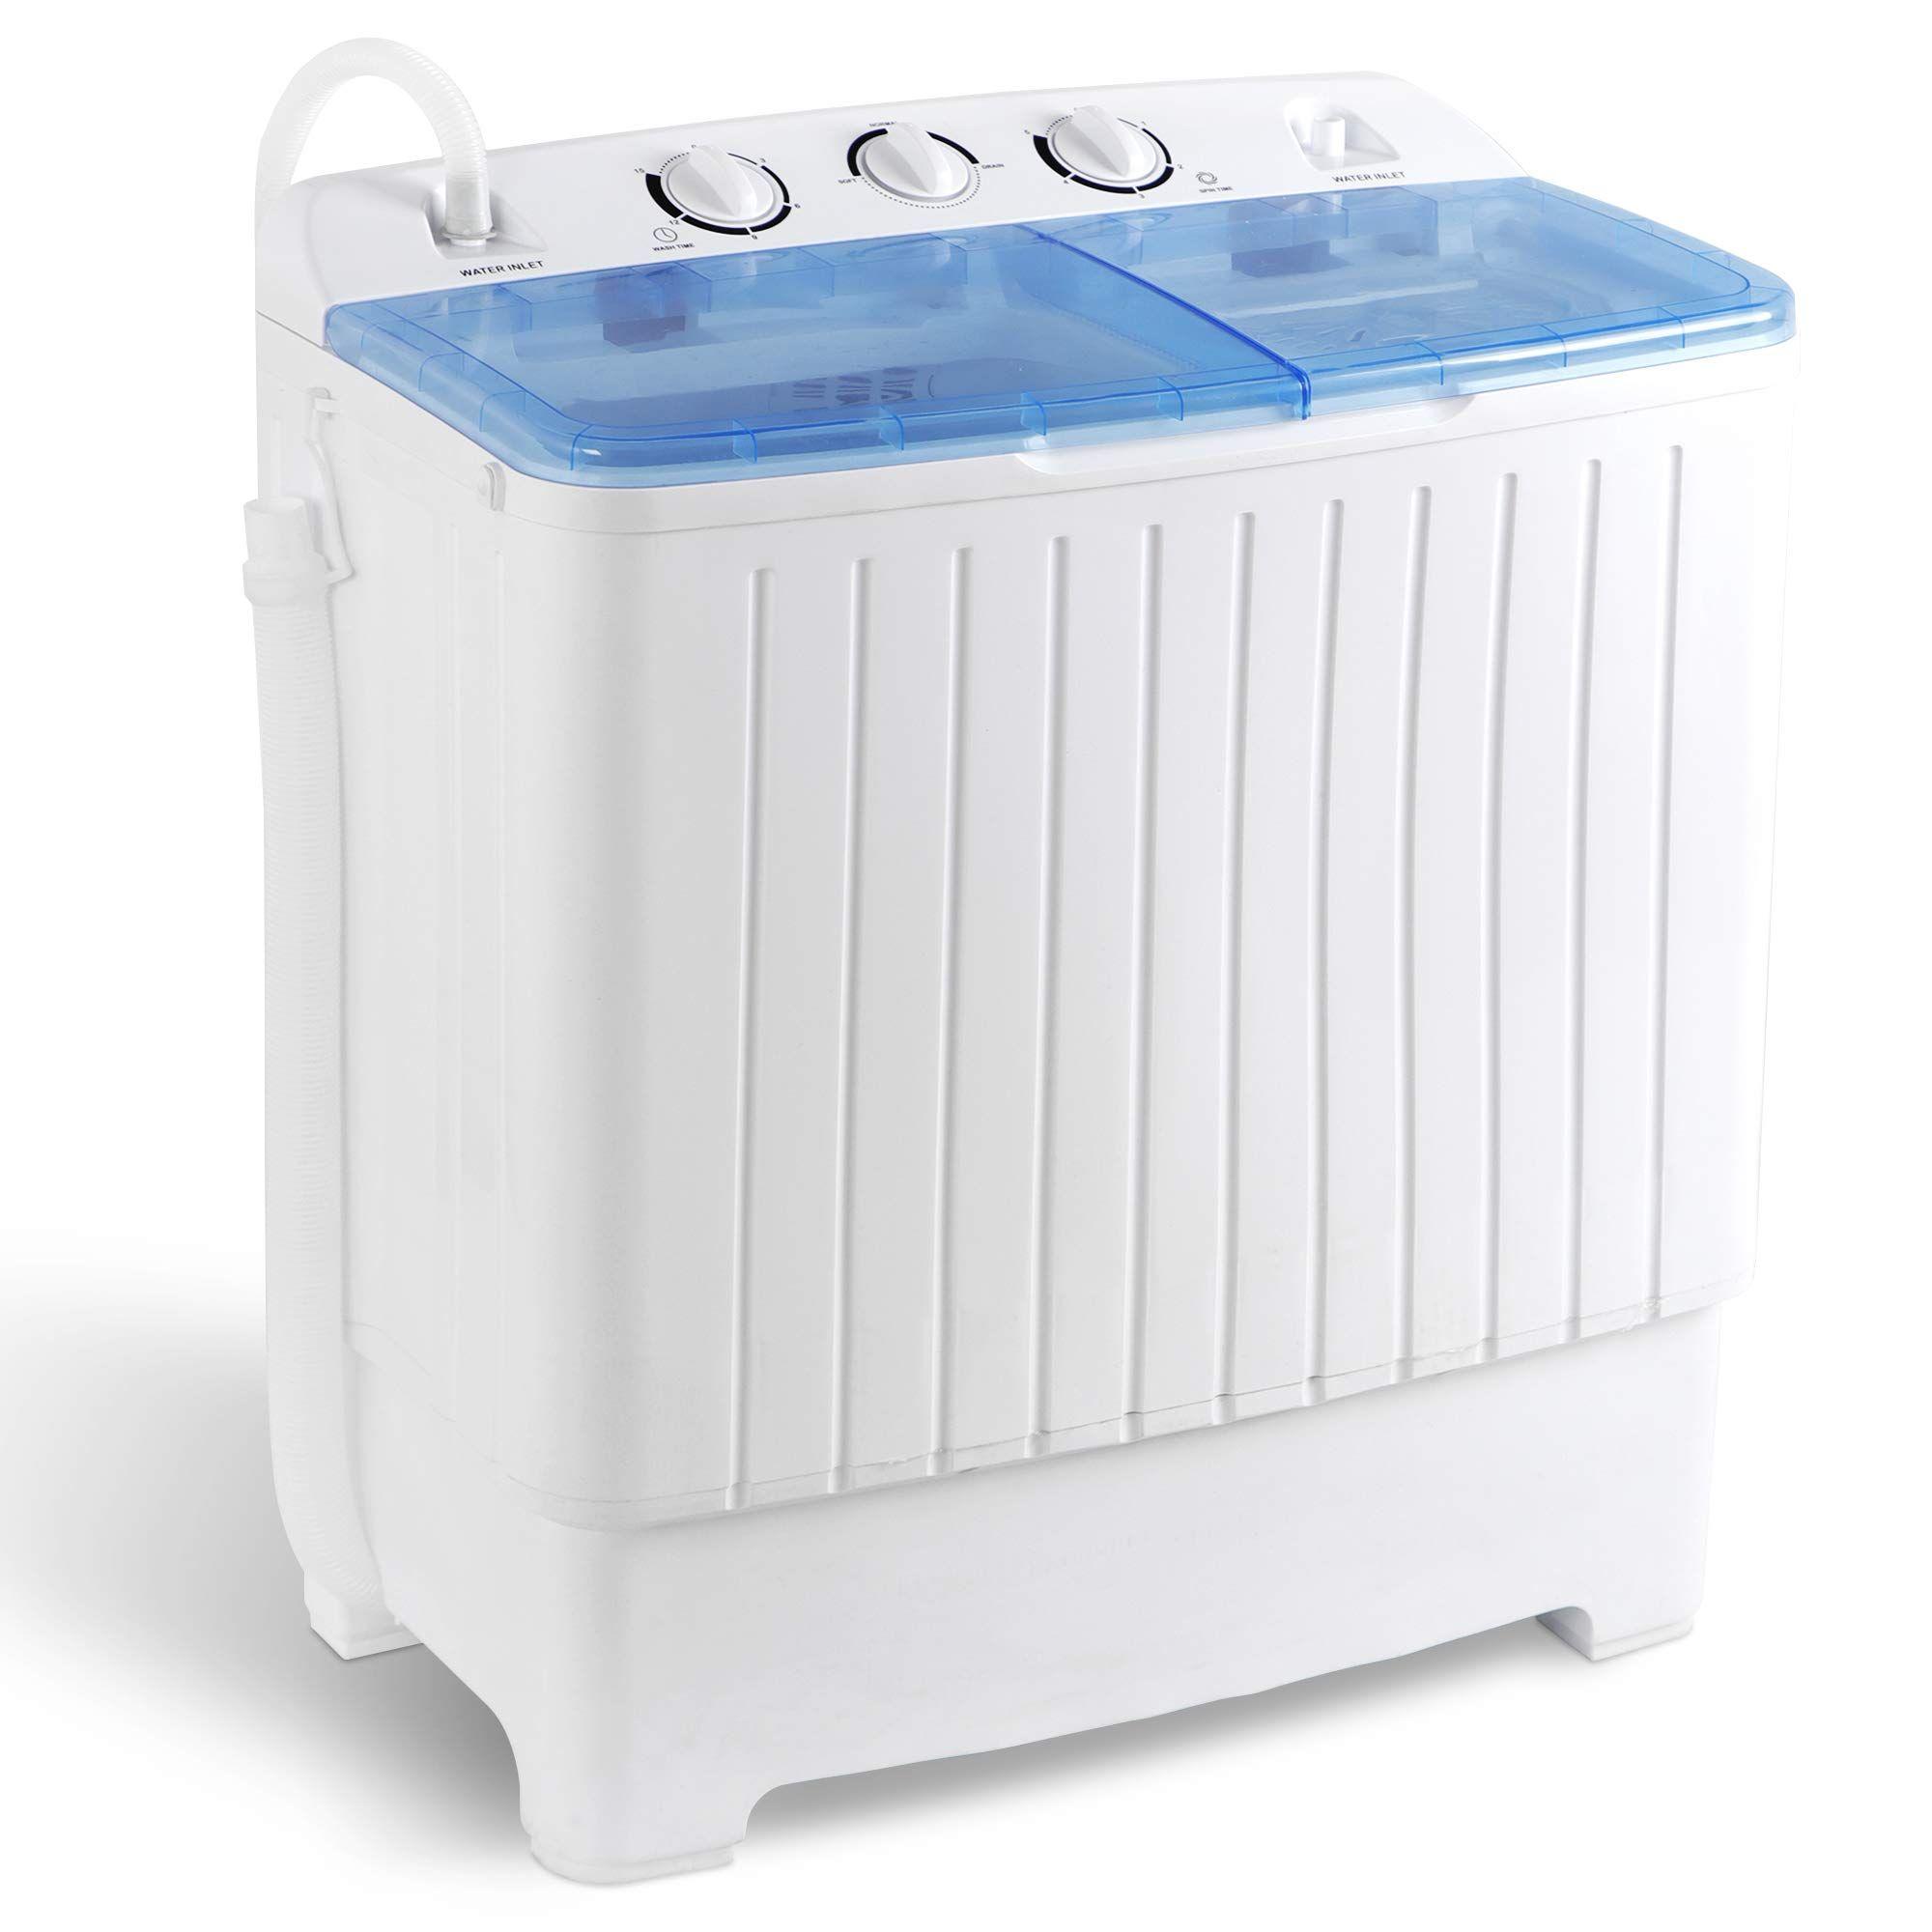 Super Deal 2in1 Mini Compact Twin Tub Washing Machine 17 6lbs